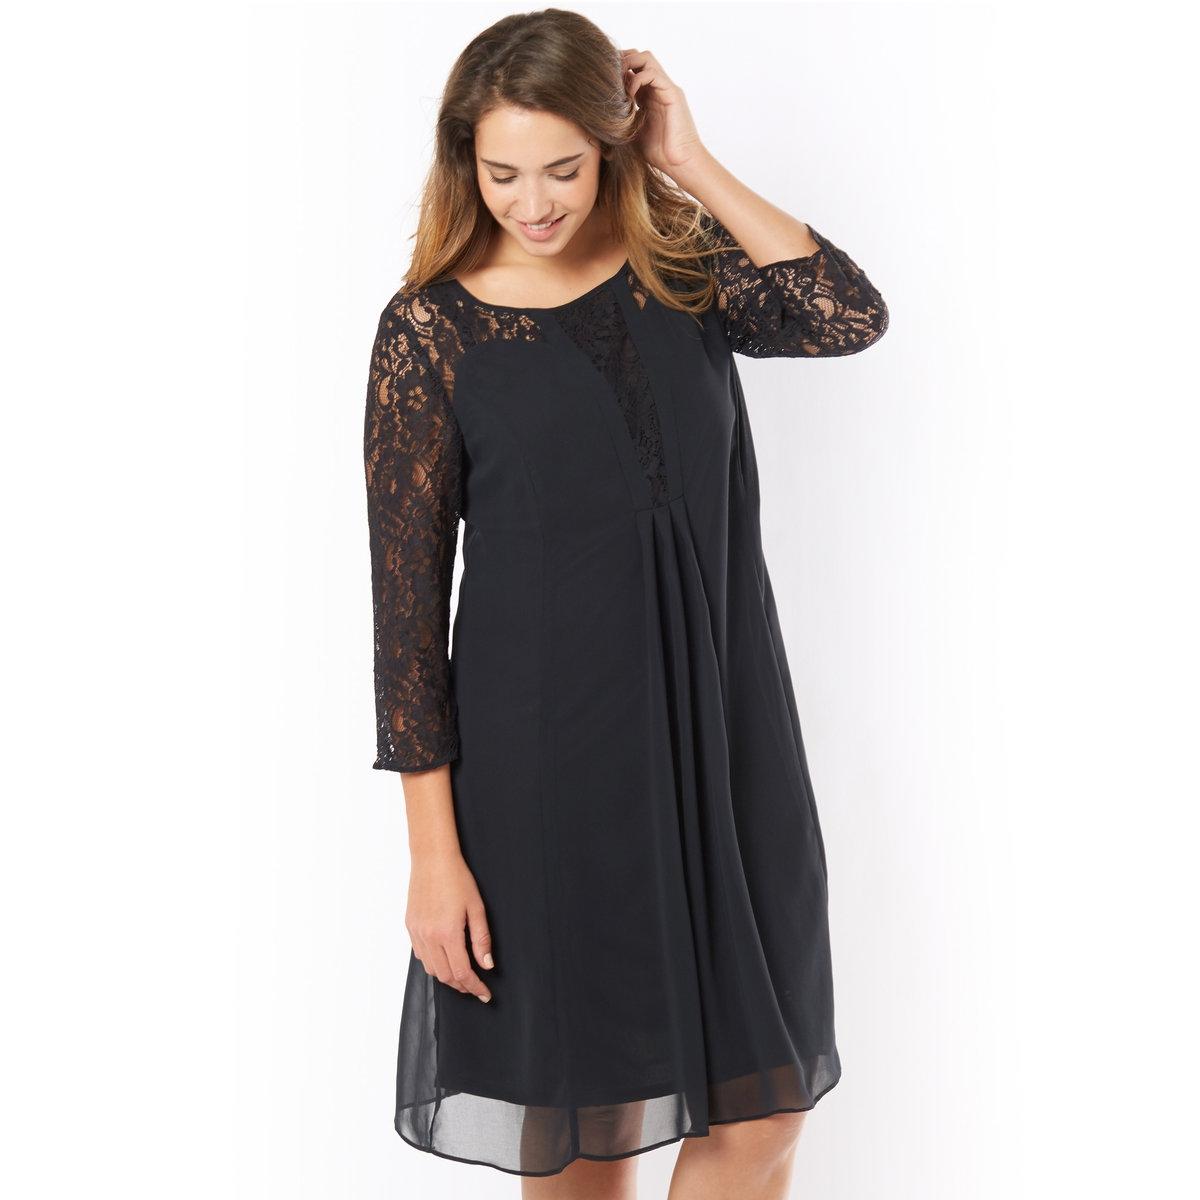 Кружевное платьеКружевное платье. Очень актуальное: кружево! Круглый вырез с кружевом на декольте. Кружевные рукава 3/4 . 100 % полиэстер, подкладка 100 % полиэстр. 3 складки спереди.  V-образное декольте сзади, молния и застёжка. Длина 95 см.<br><br>Цвет: черный